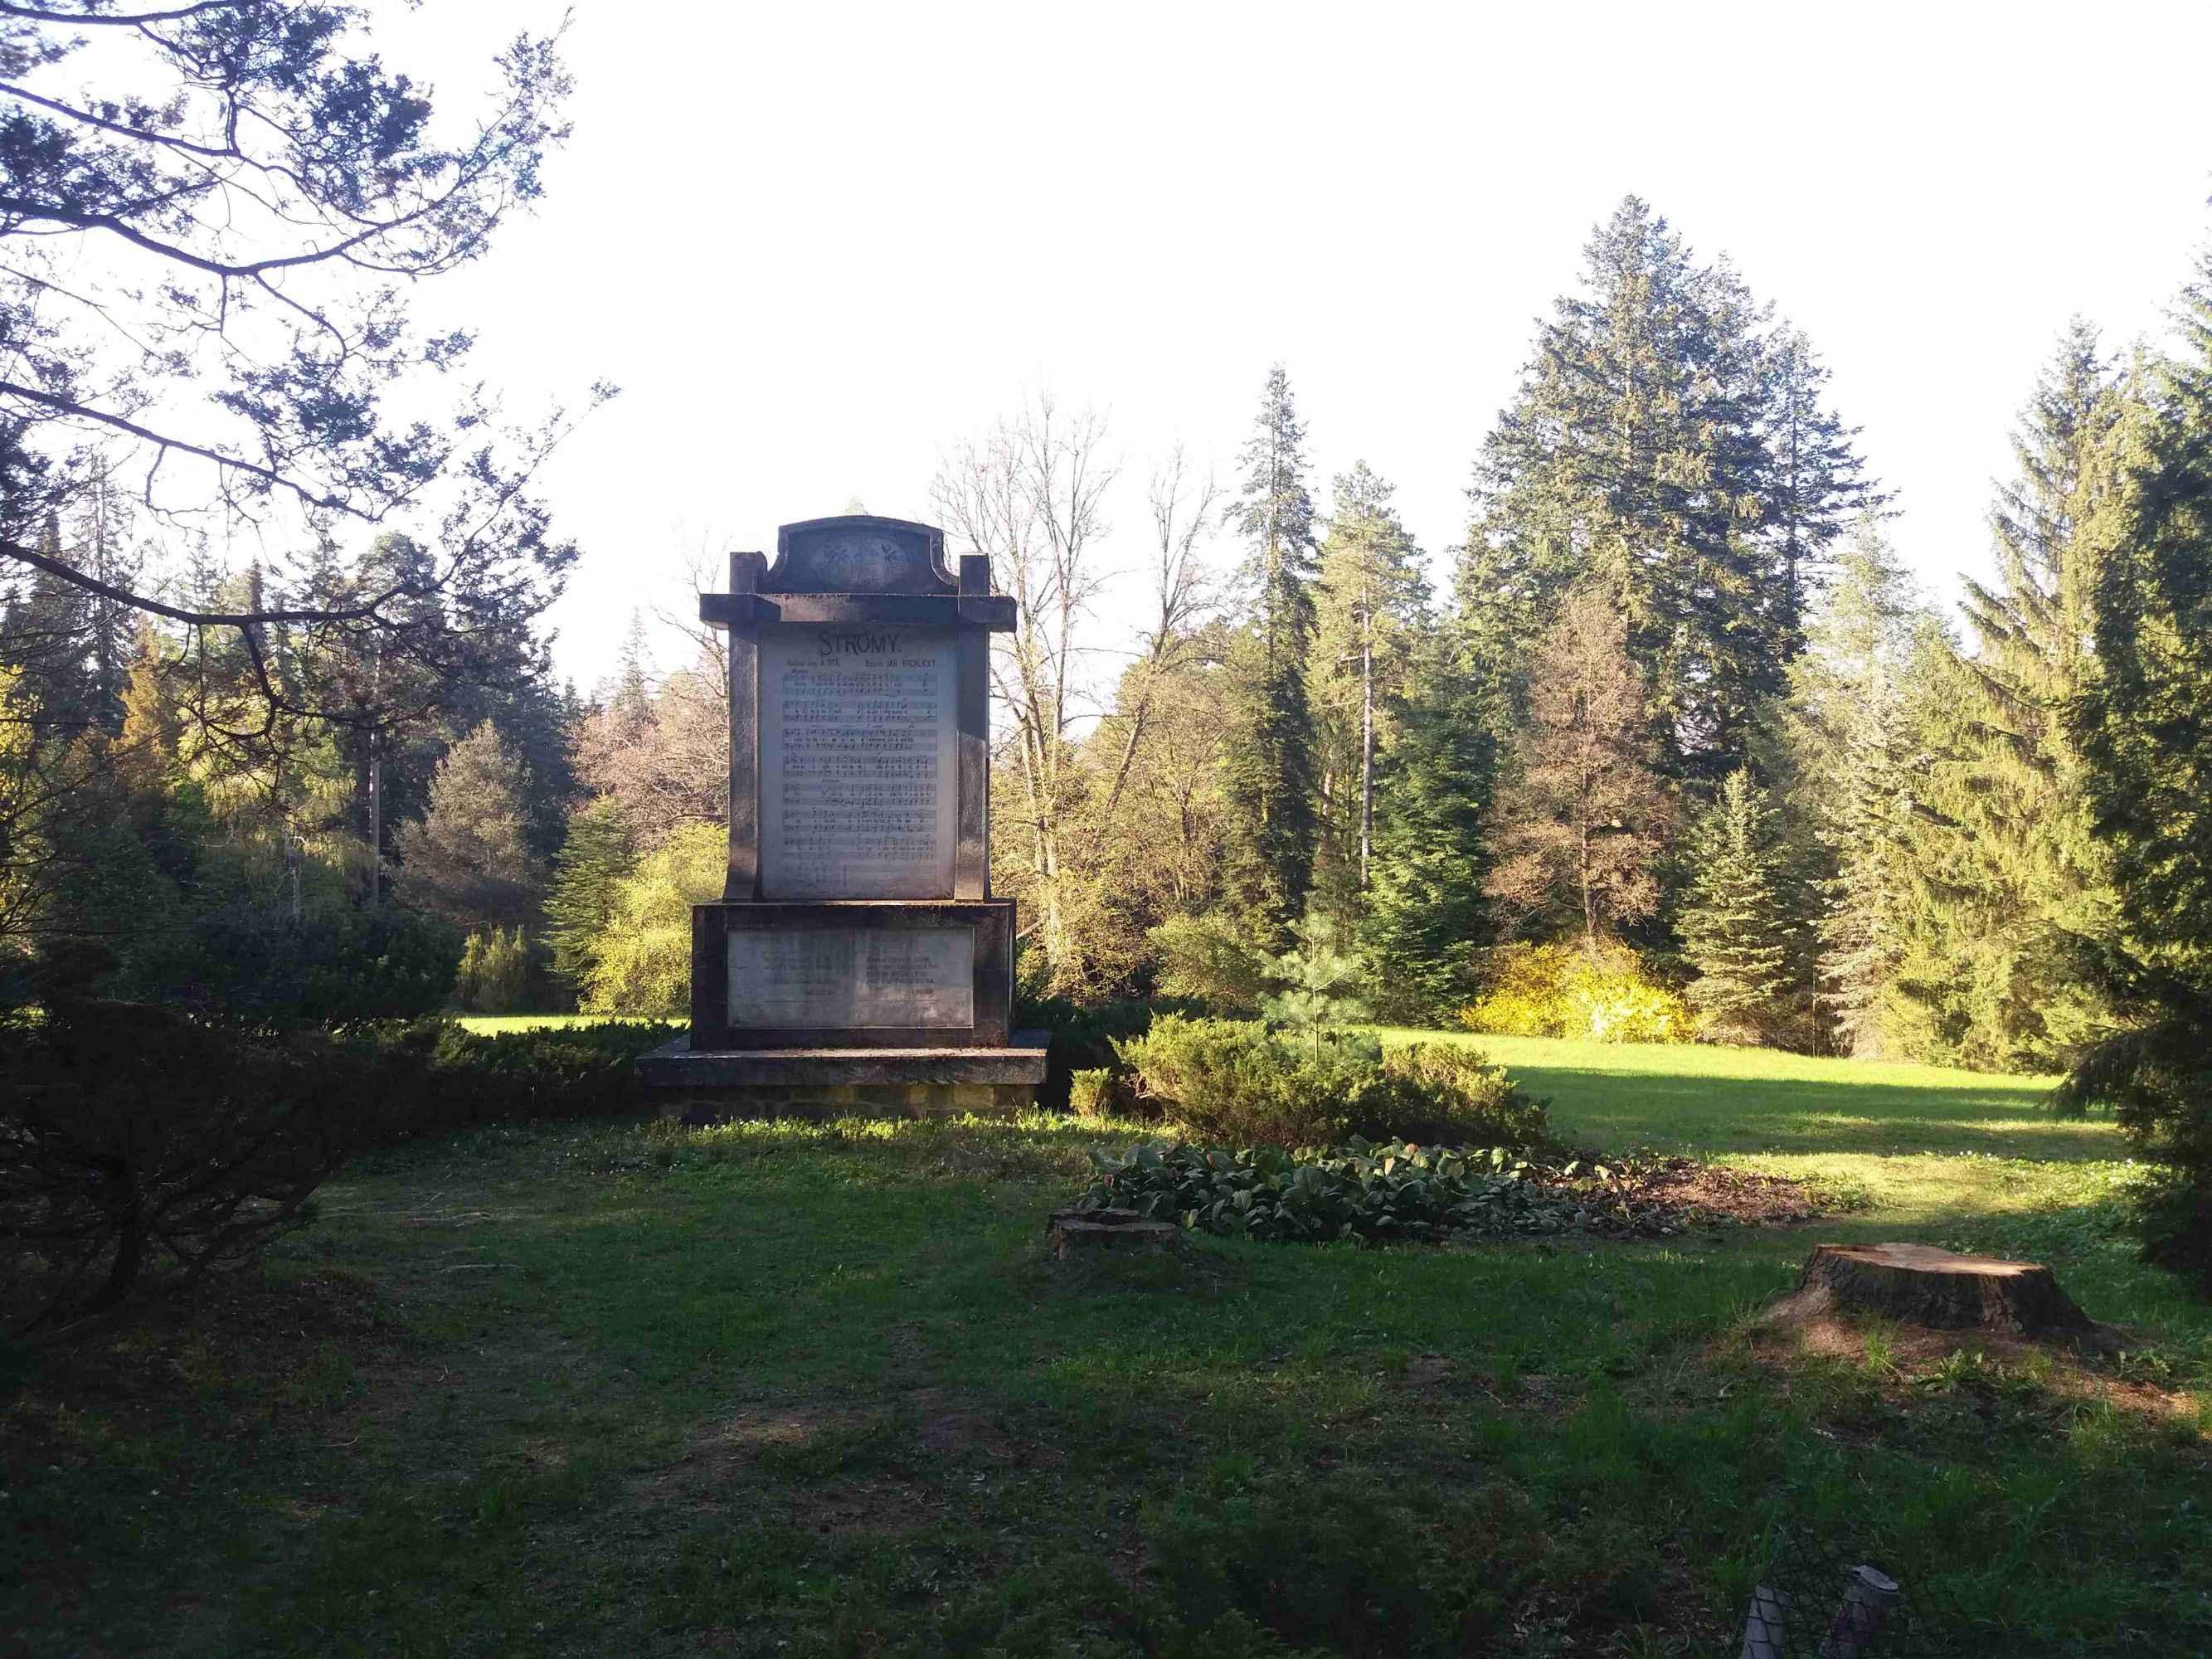 Arboreto Řícmanice - Monumento de Arboj